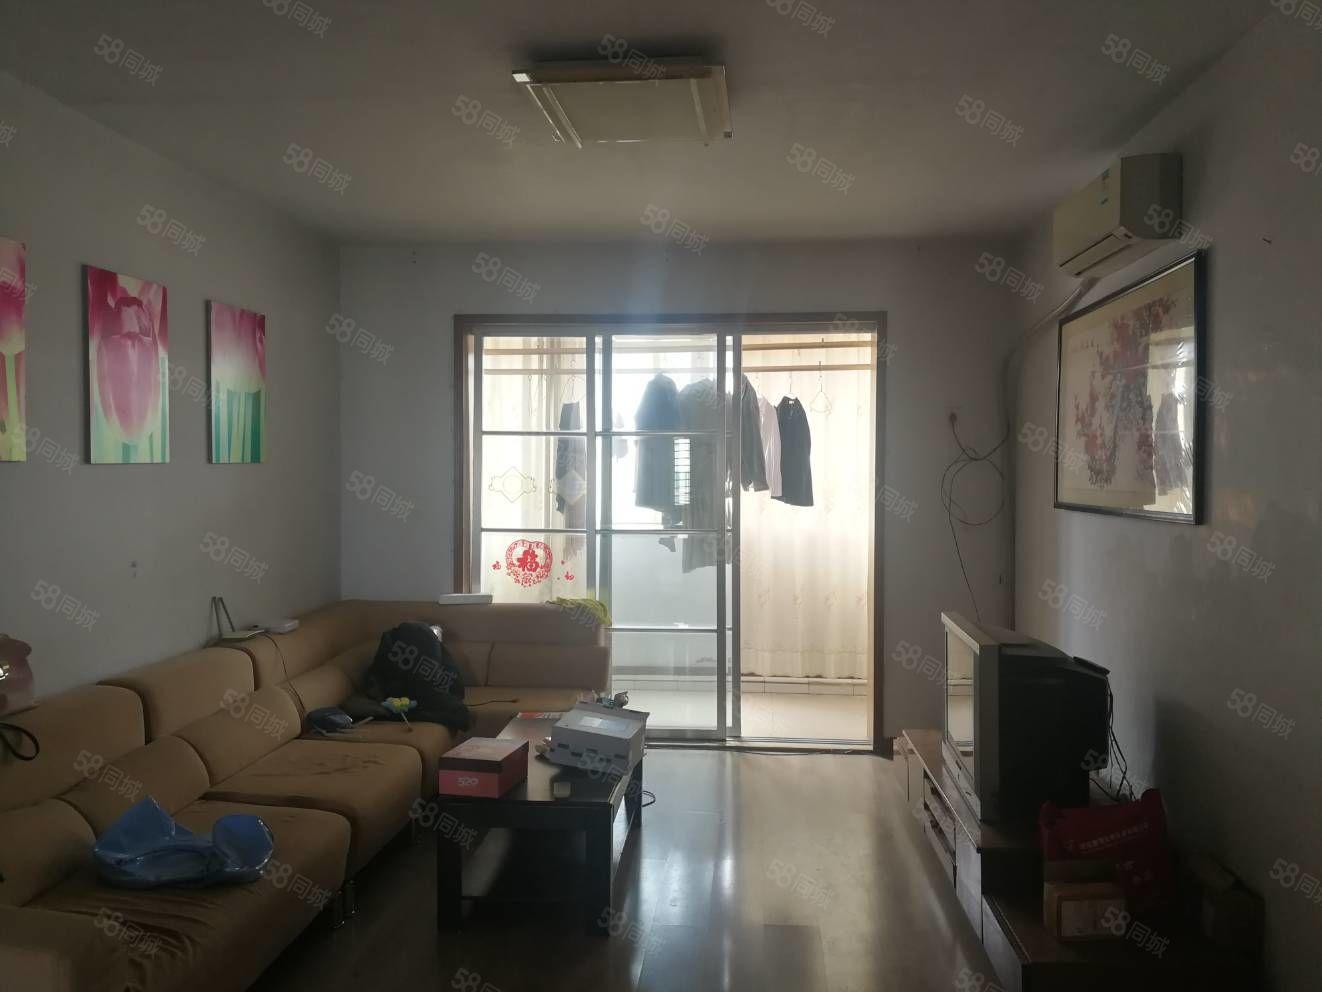 碧水云天3室2廳首付18萬滿五唯一精裝出售